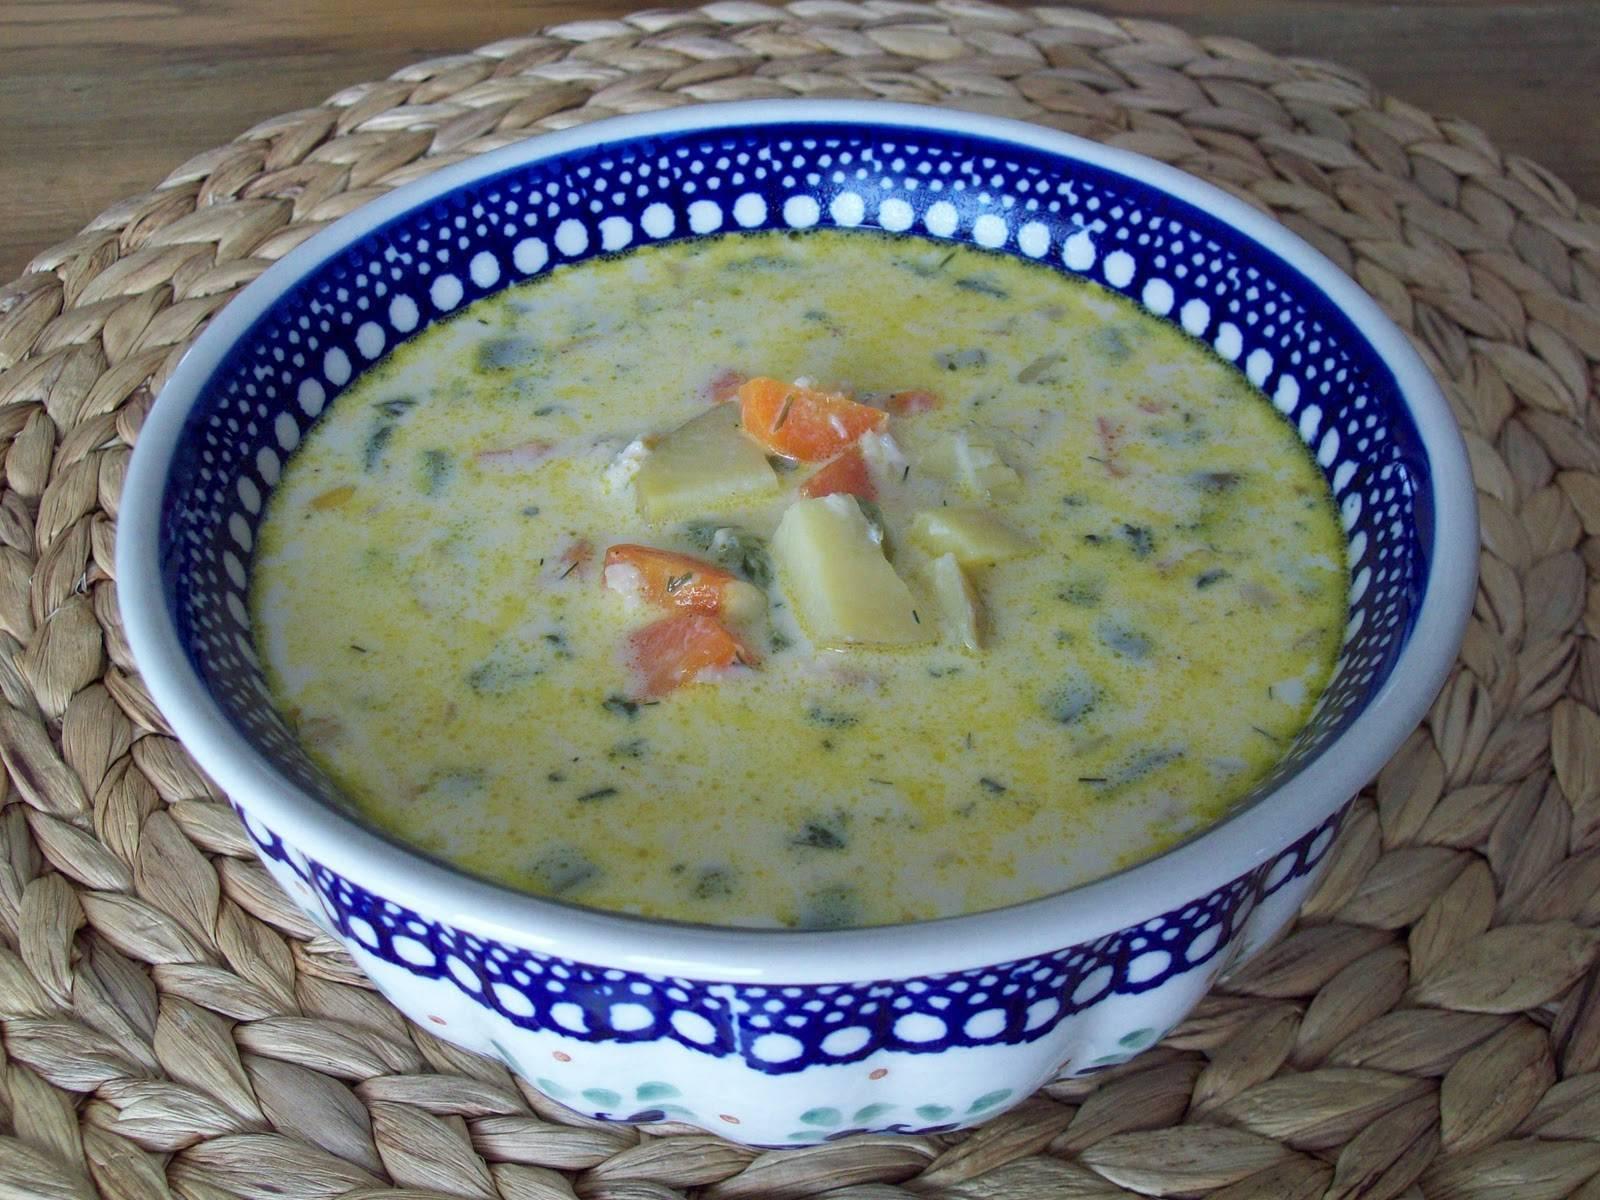 Рыбный суп из консервов сайры, горбуши: легкий рецепт с фото